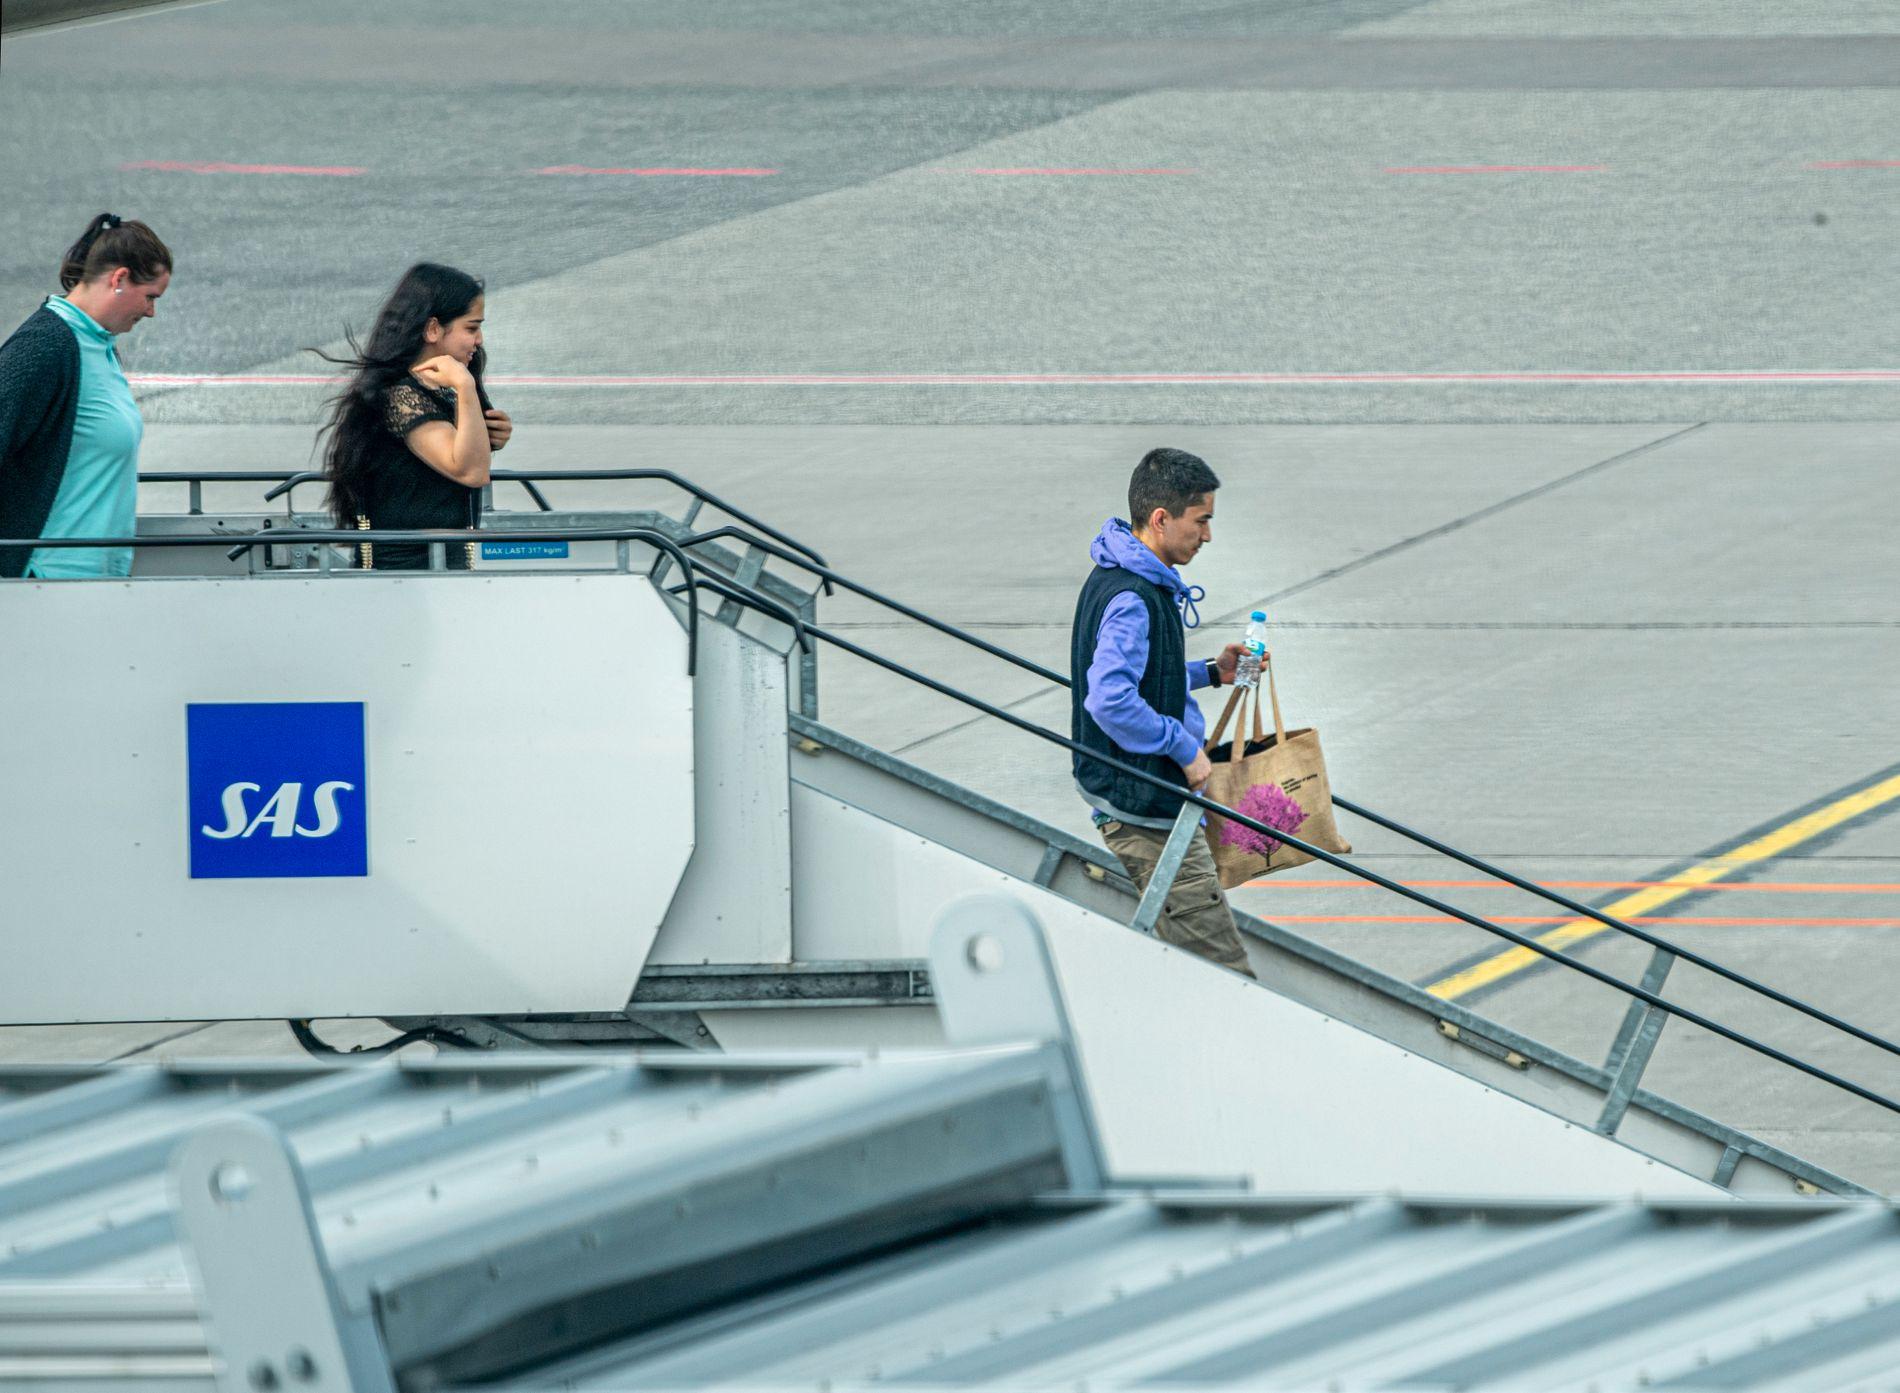 Yasin (22), Taibeh (20) og Ehsan (16) Abbasi er tilbake i Norge etter at politiet stanset uttransporteringen til Afghanistan. Her går de av flyet etter å ha landet på Gardermoen.